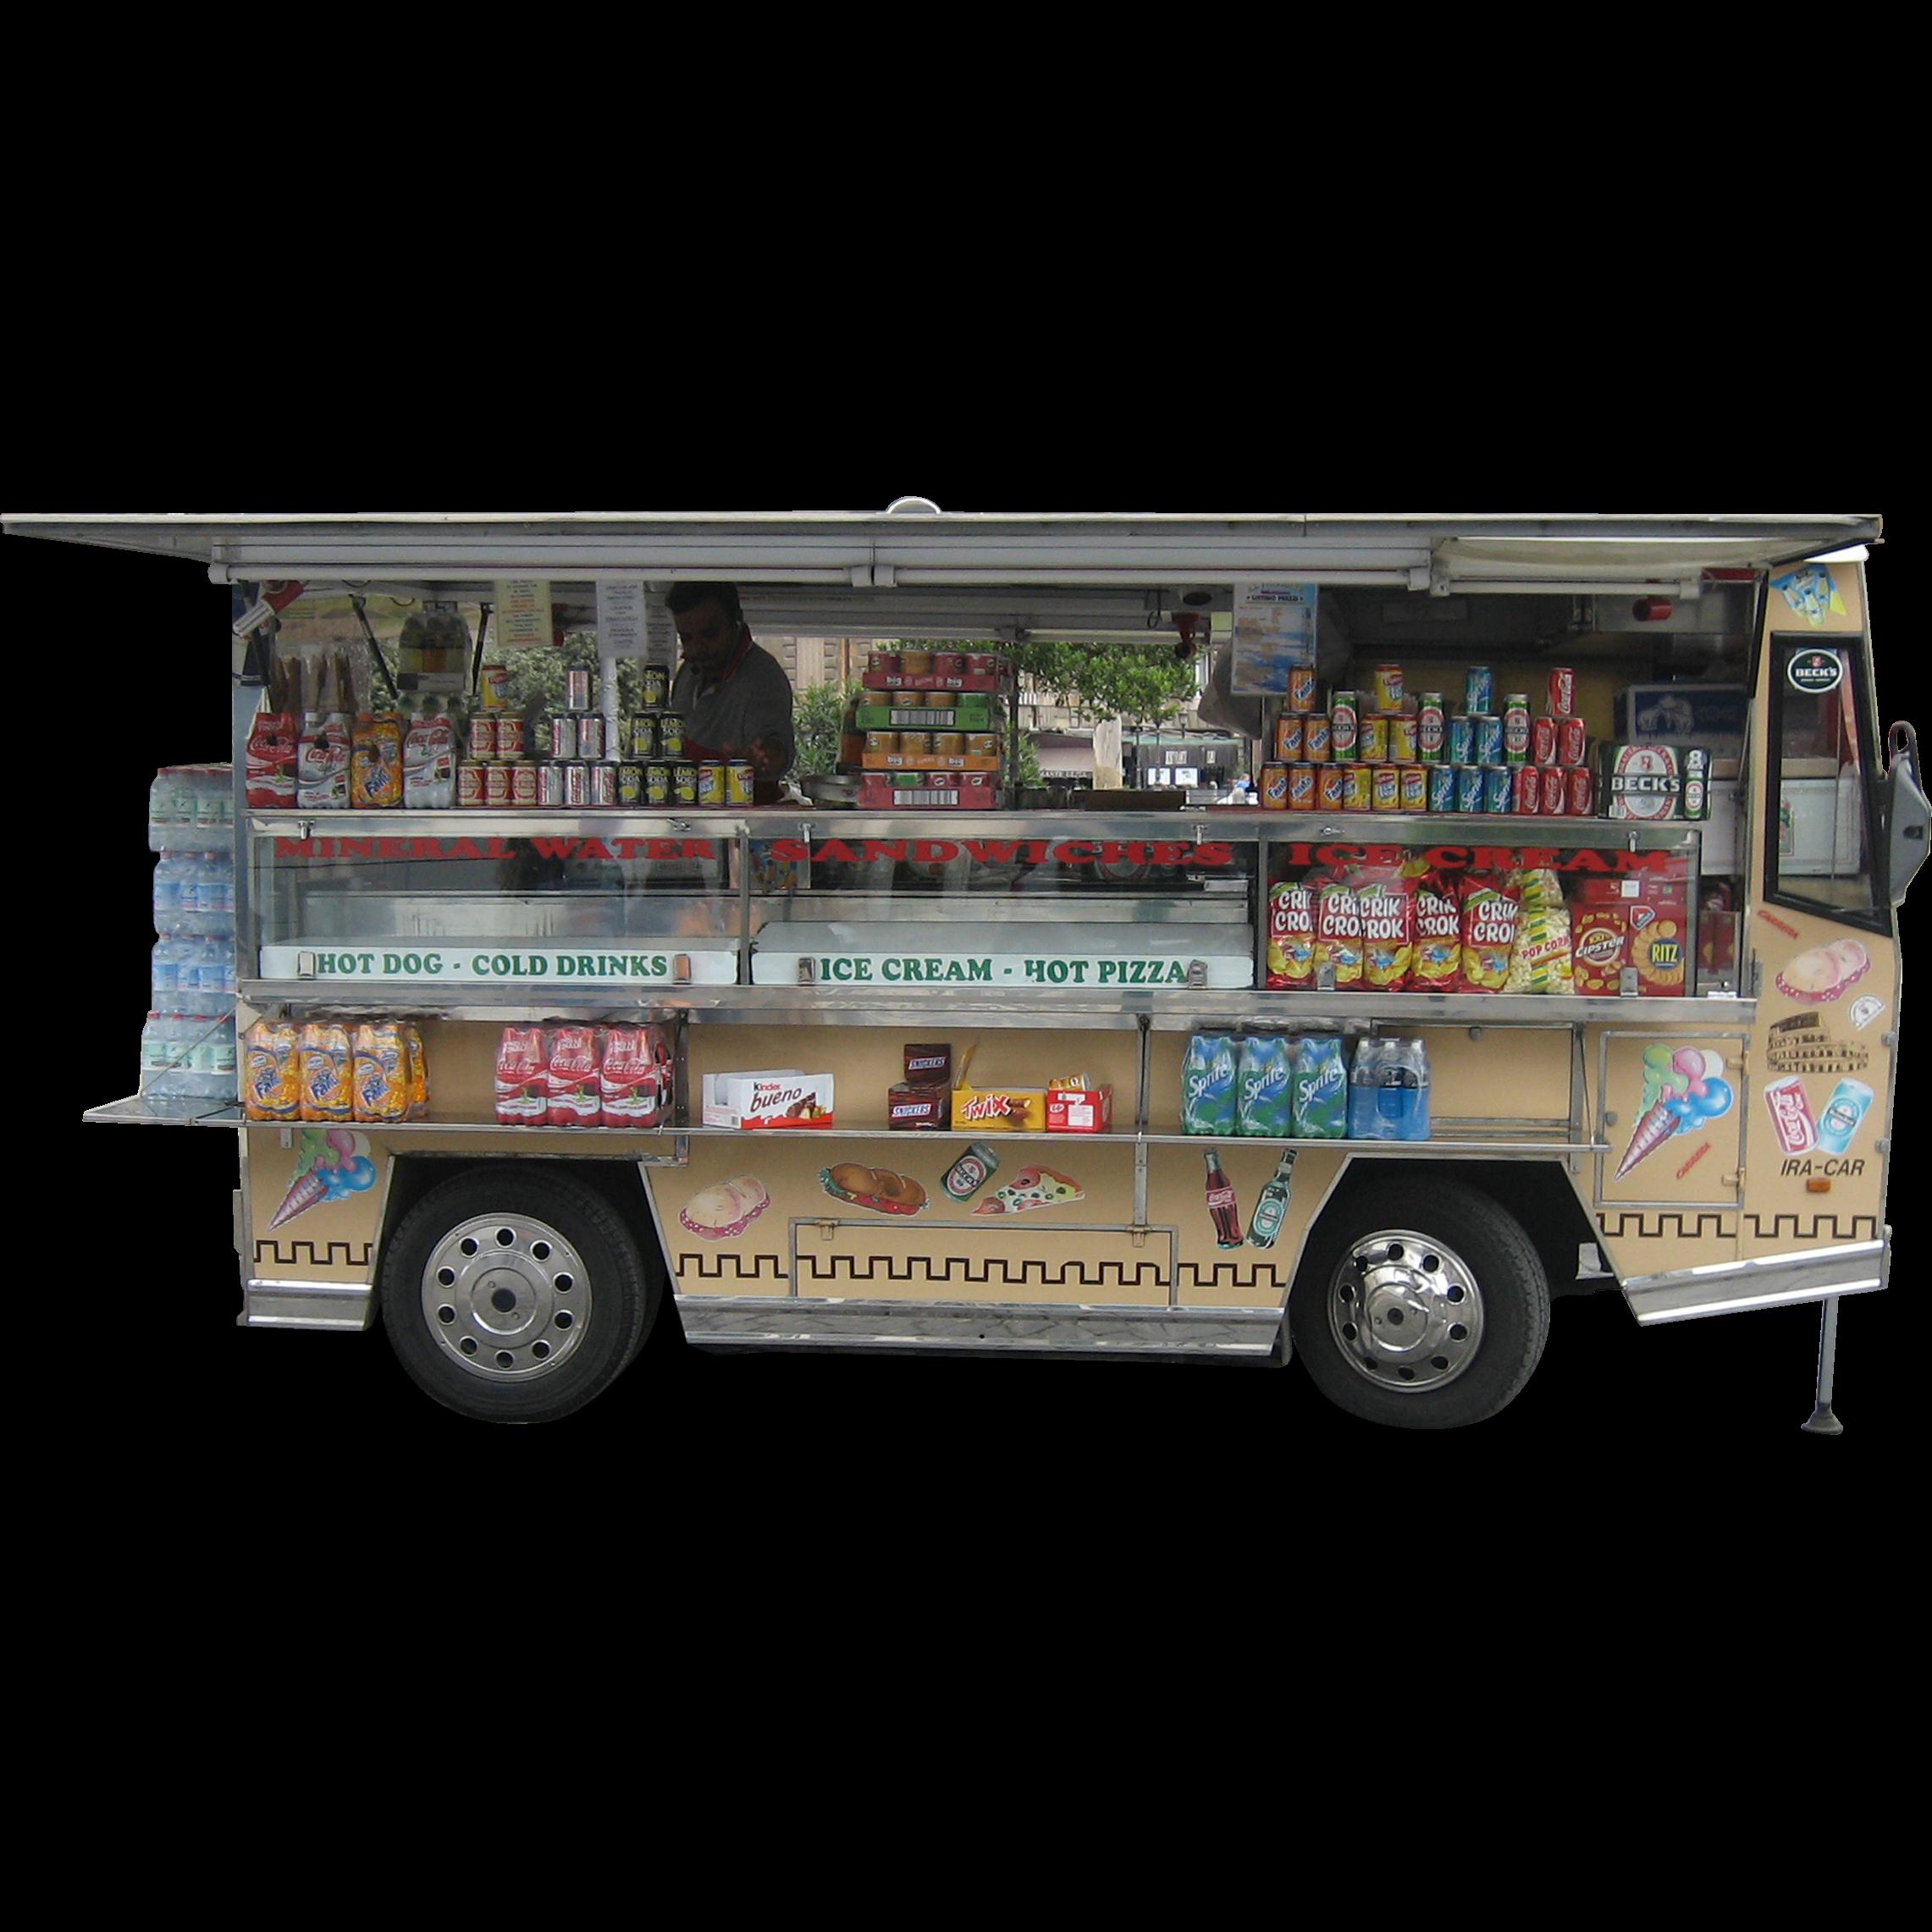 Street-Vendor.png 2,282×2,282 pixels | Landscape Details | Pinterest |  Landscaping - Street Vendor PNG